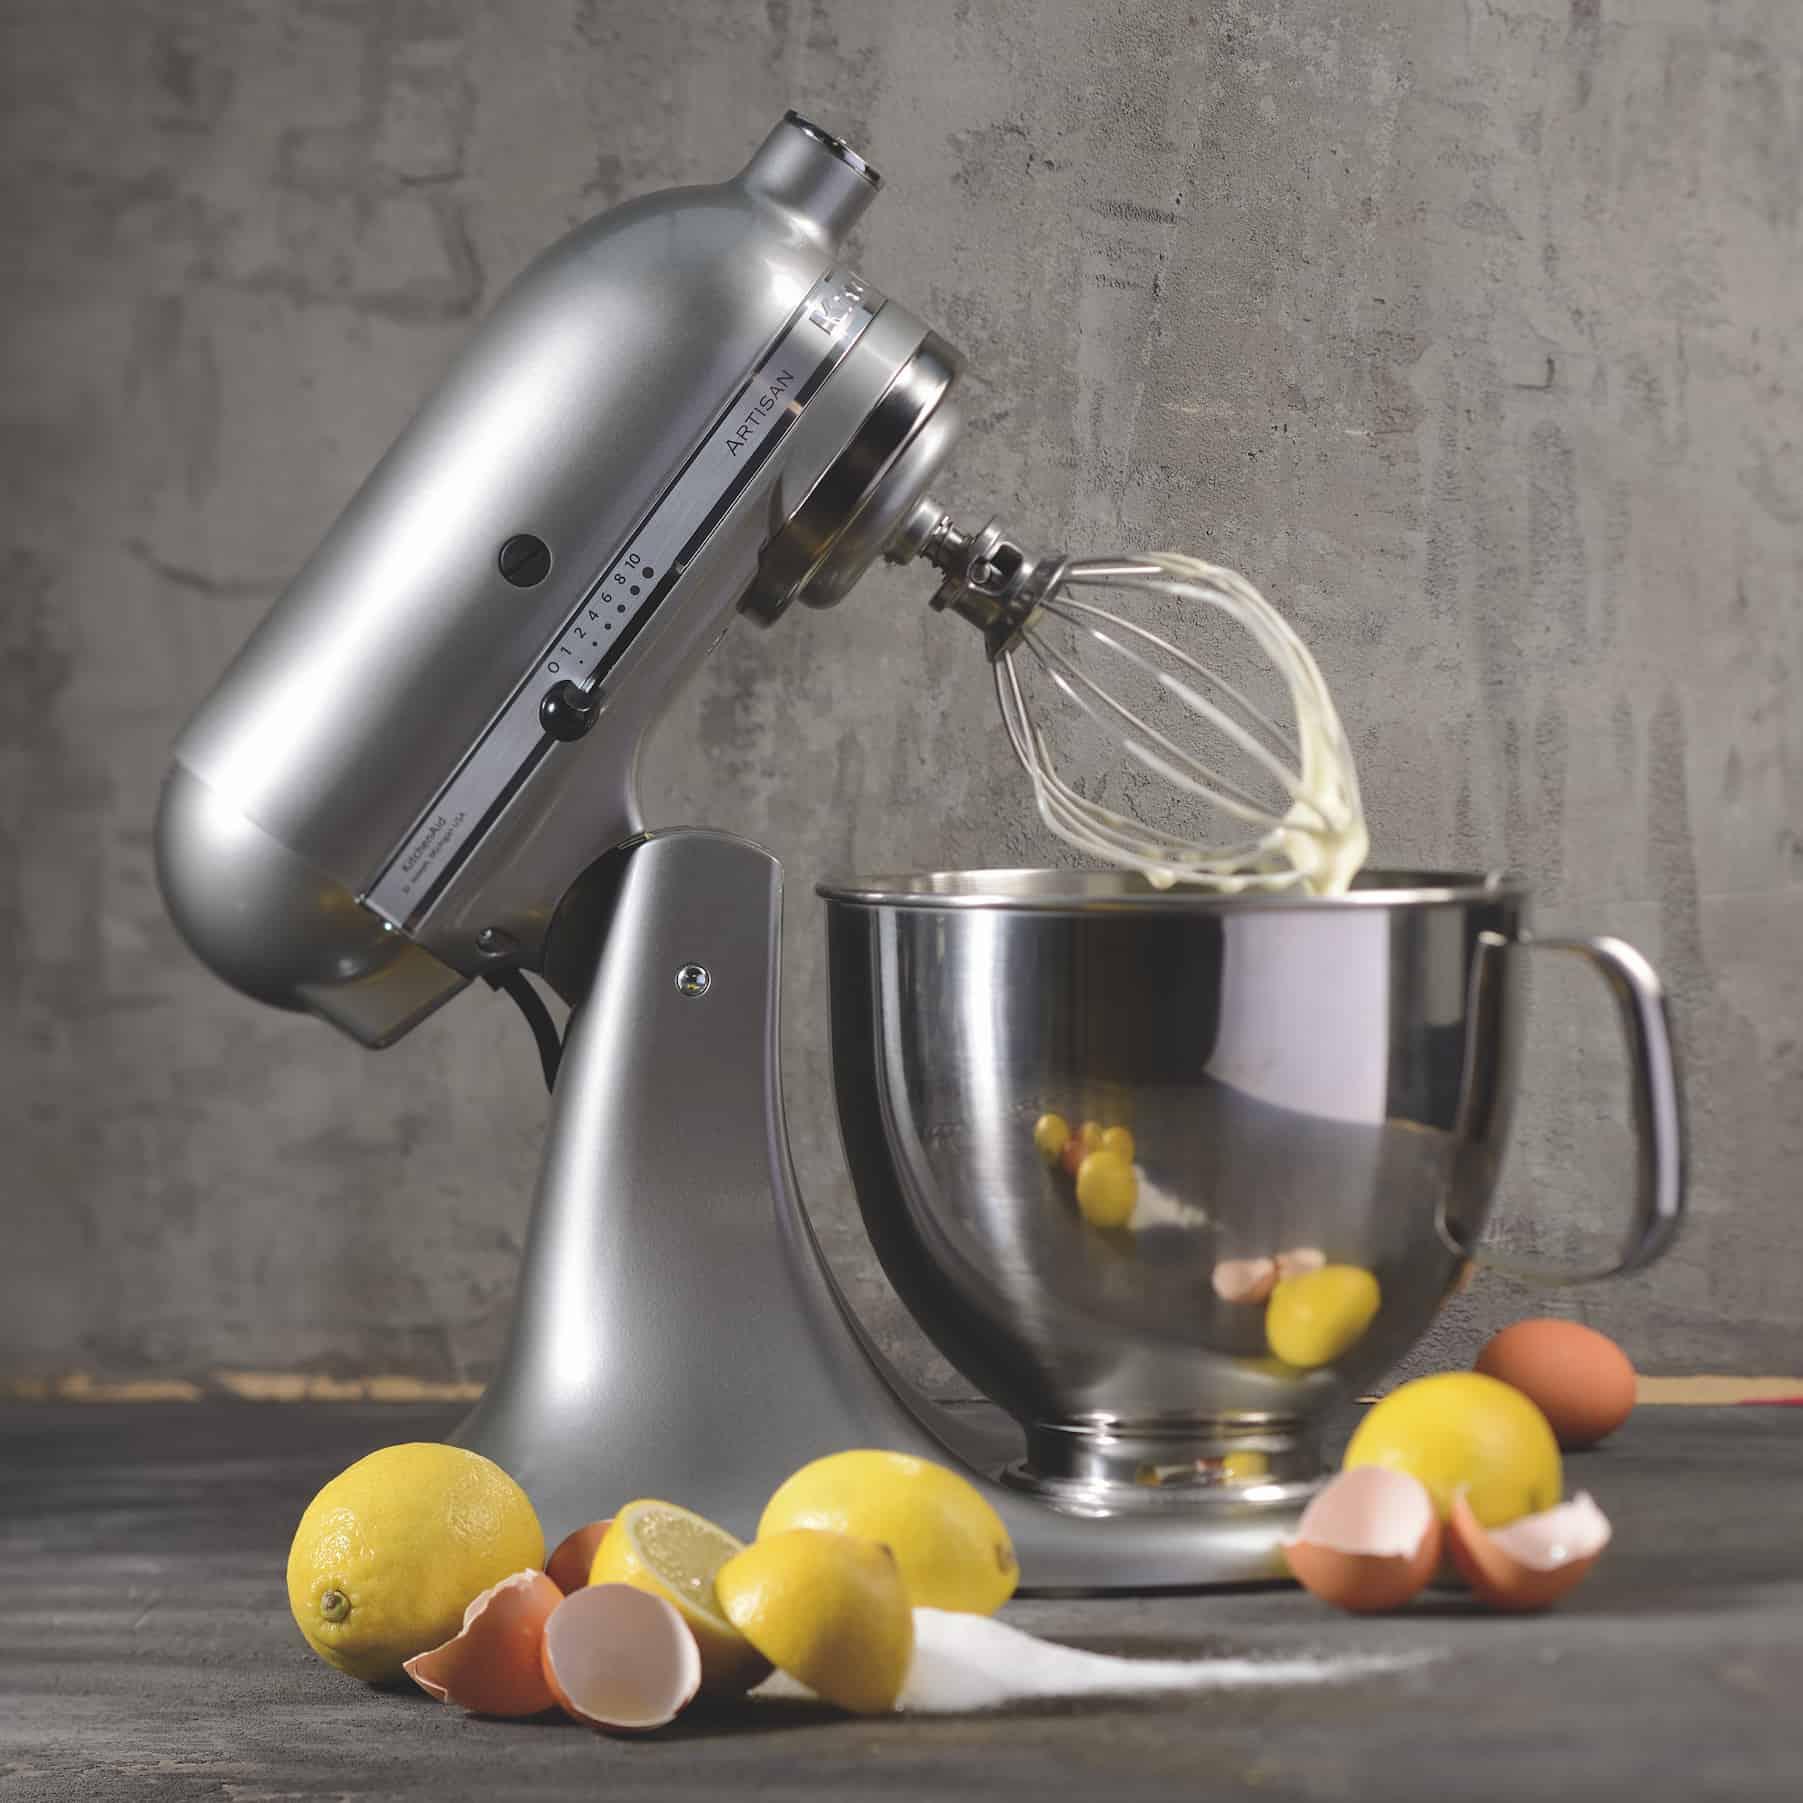 Robot da Cucina KitchenAid: stile contemporaneo e valido aiuto in ...